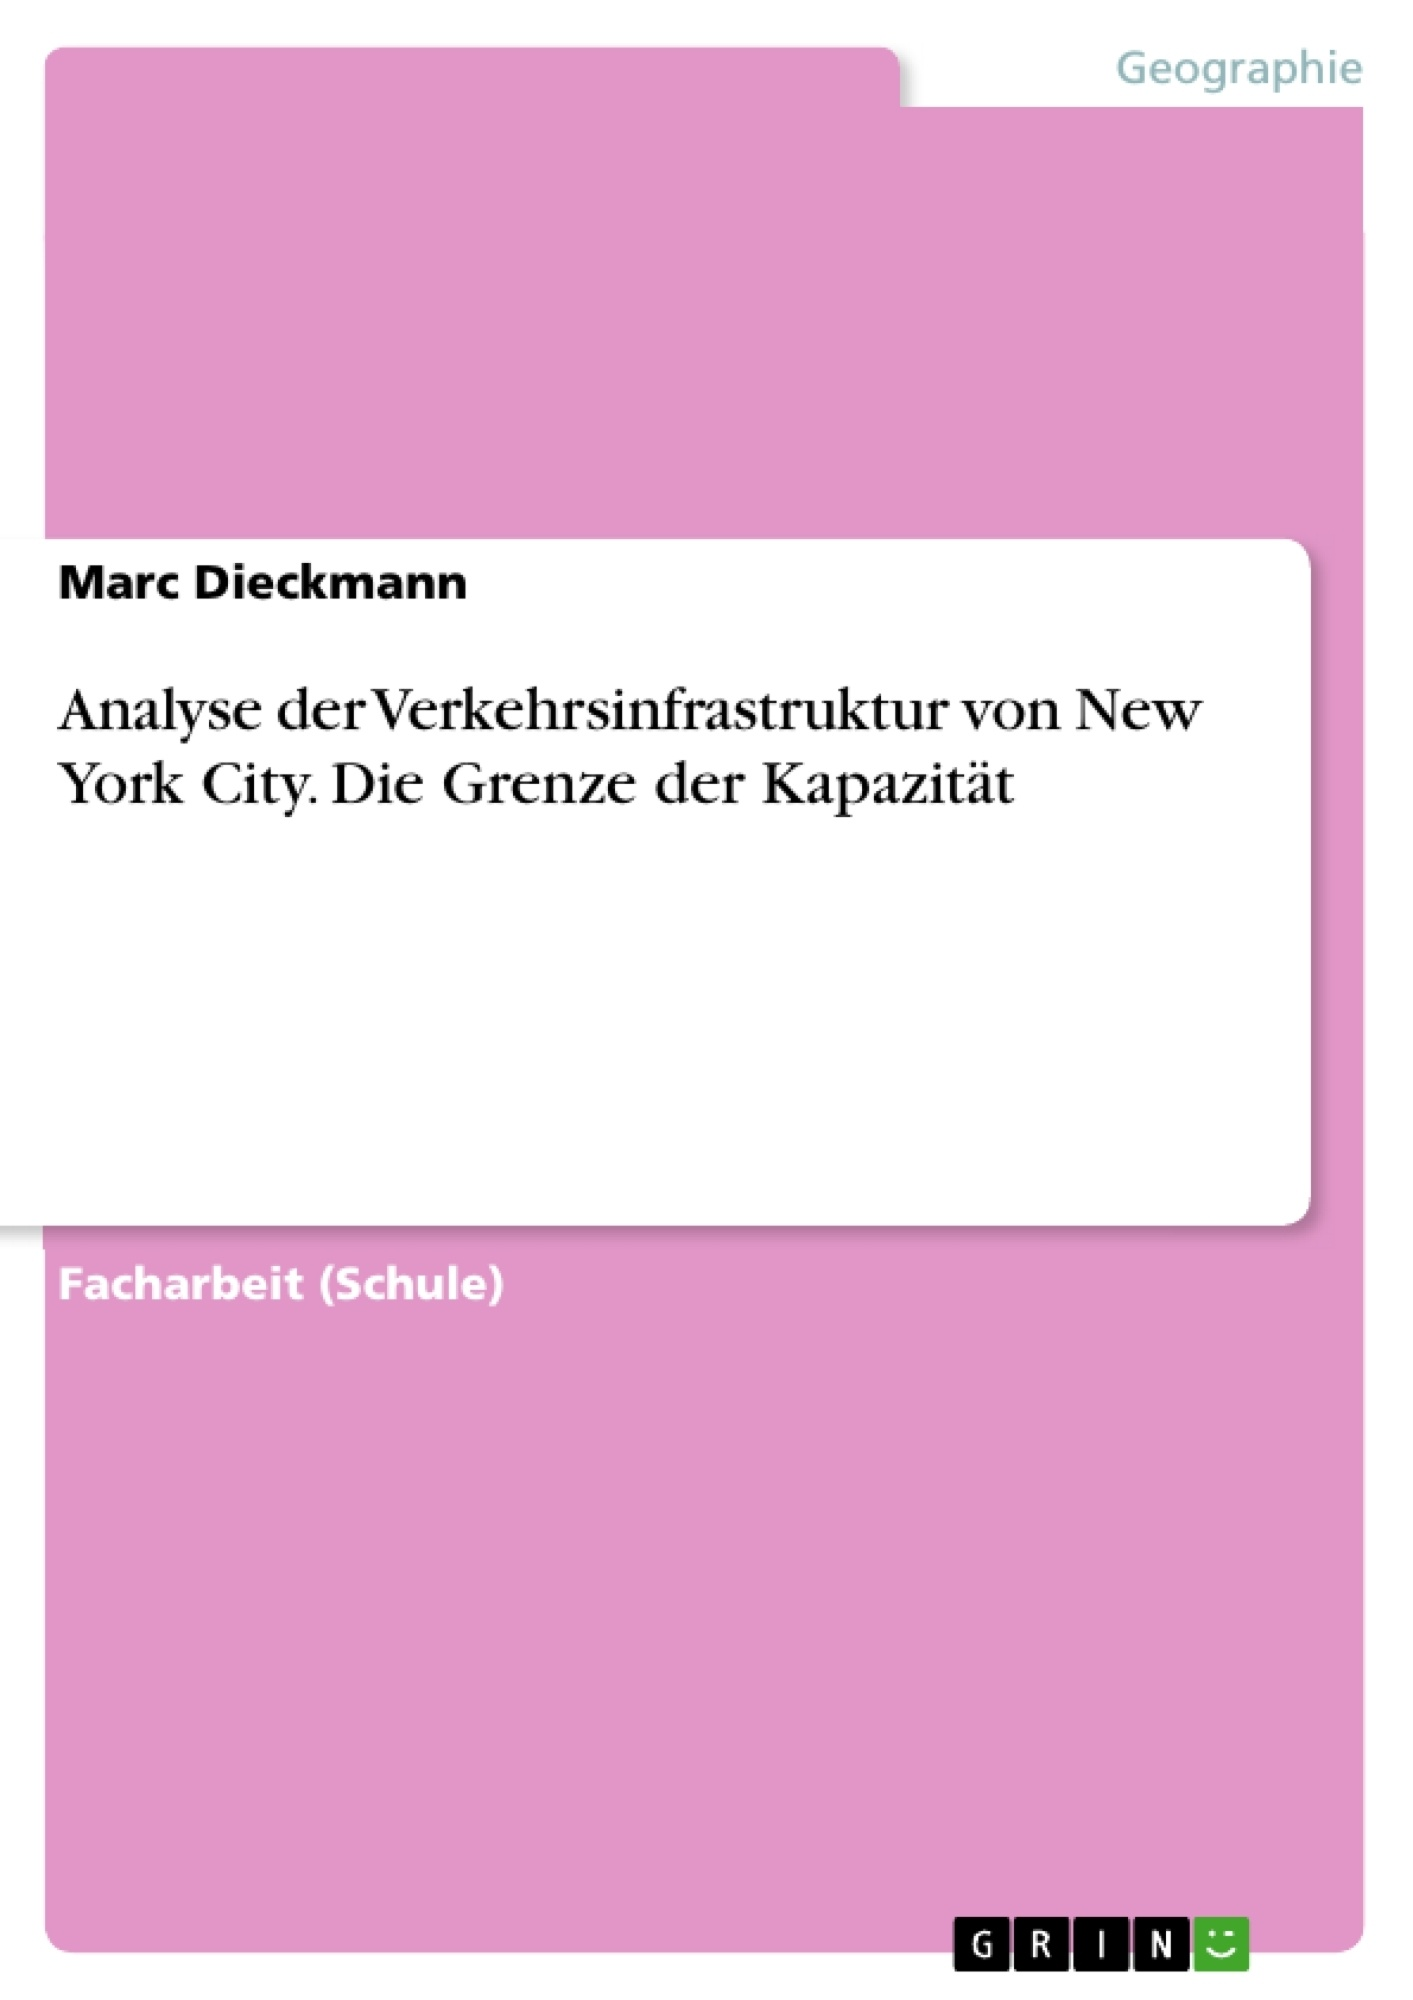 Titel: Analyse der Verkehrsinfrastruktur von New York City. Die Grenze der Kapazität